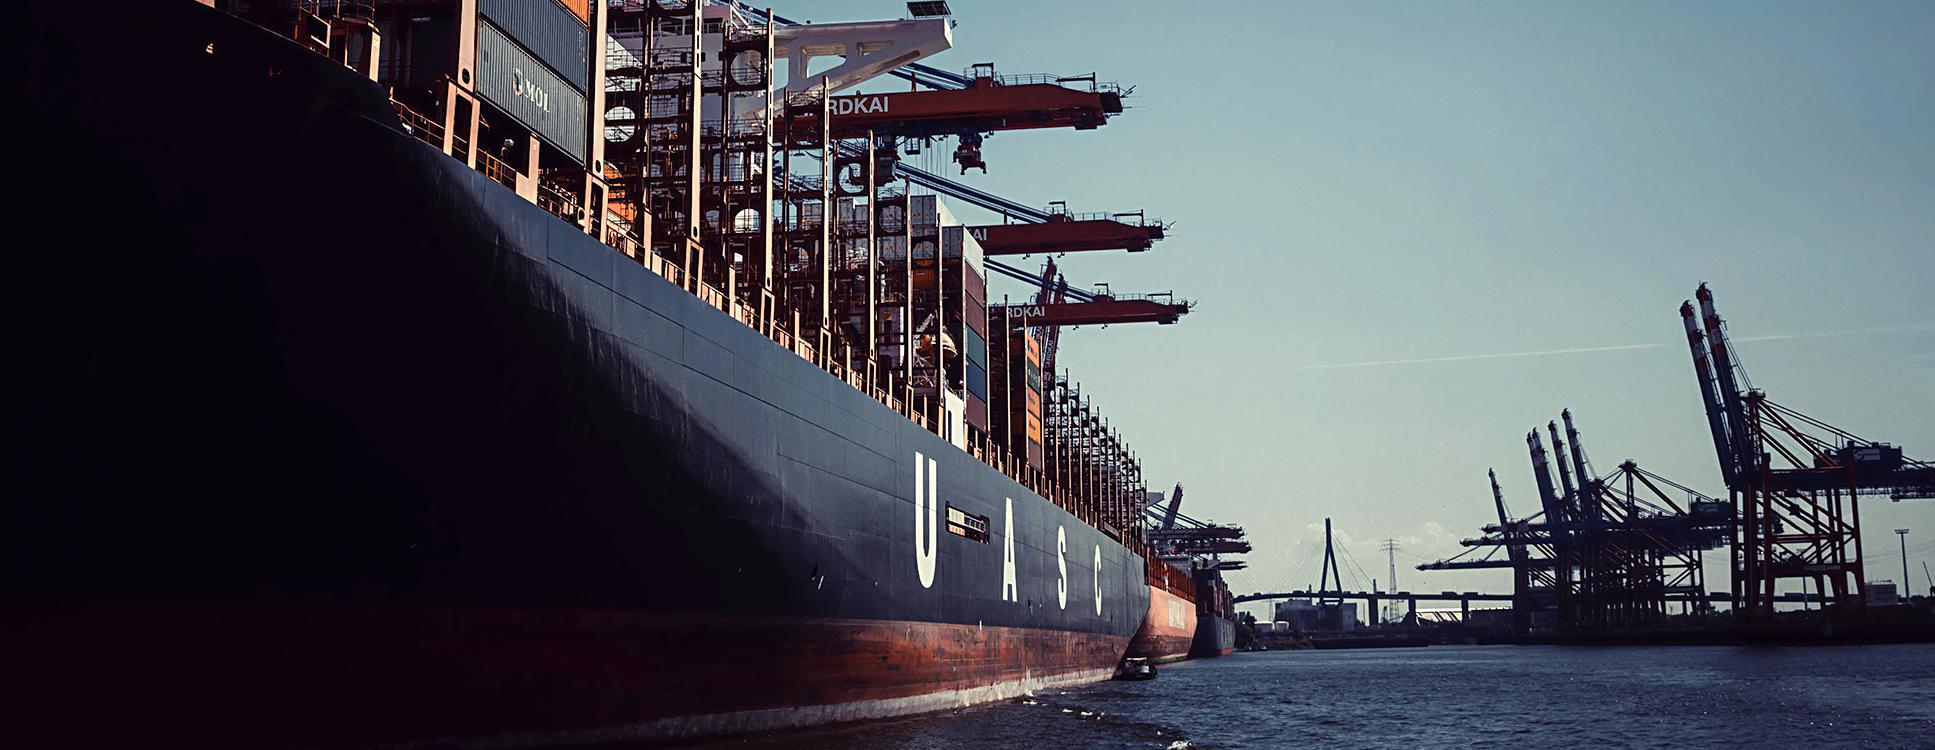 Slider portada barco mercante